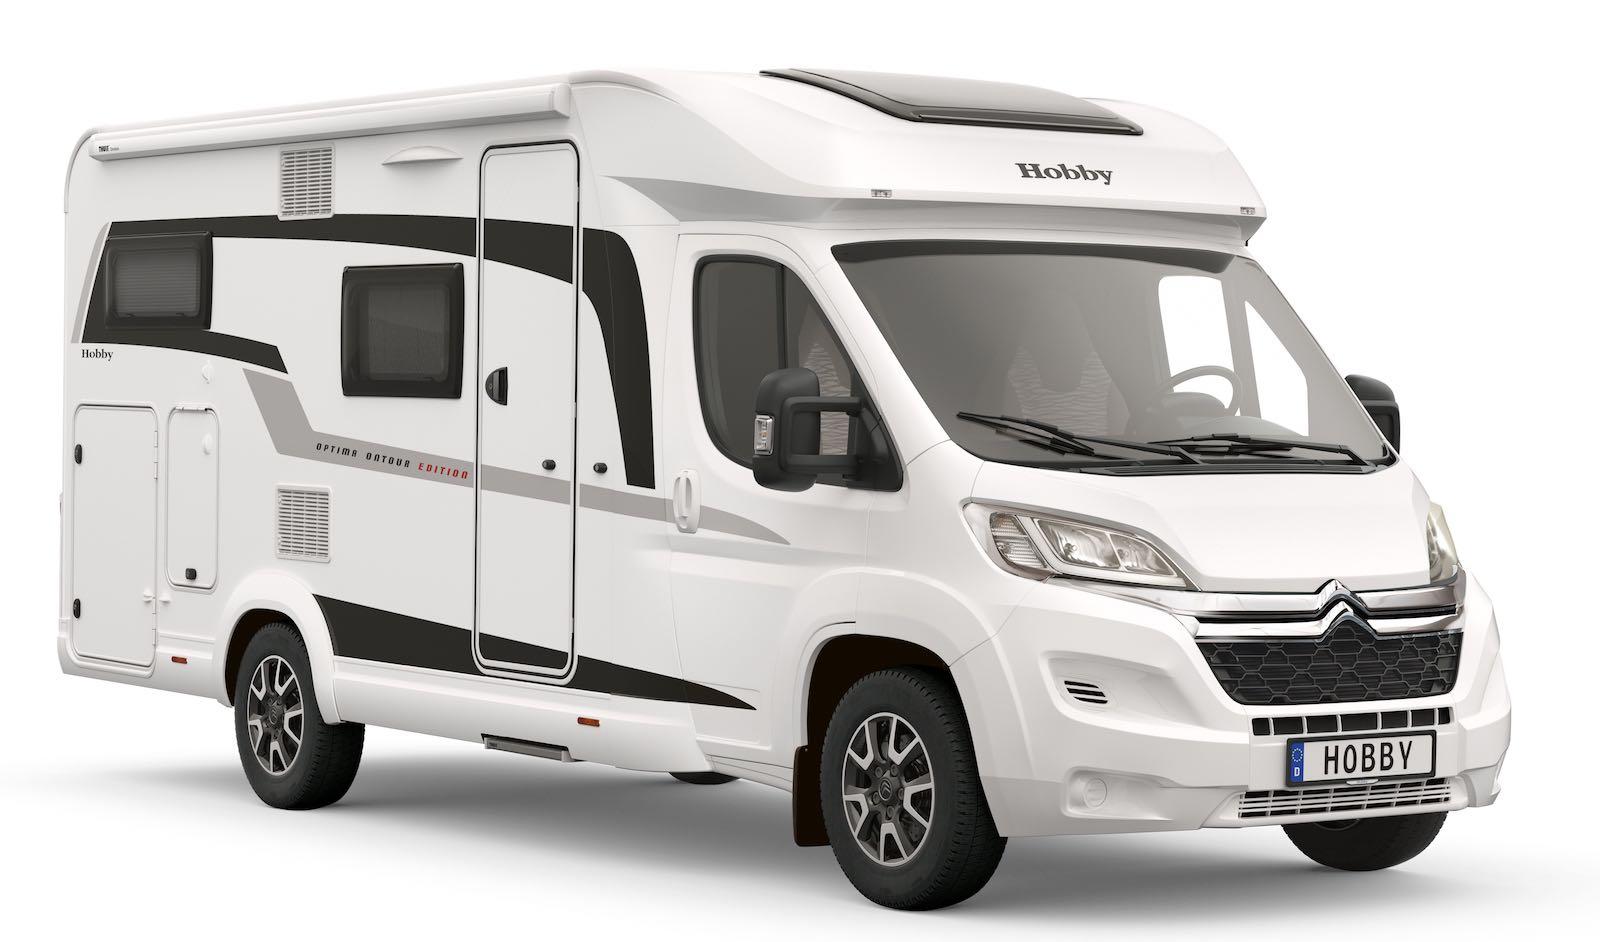 deux camping cars hobby plus troits et plus l gers sur citro n jumper camping car le site. Black Bedroom Furniture Sets. Home Design Ideas